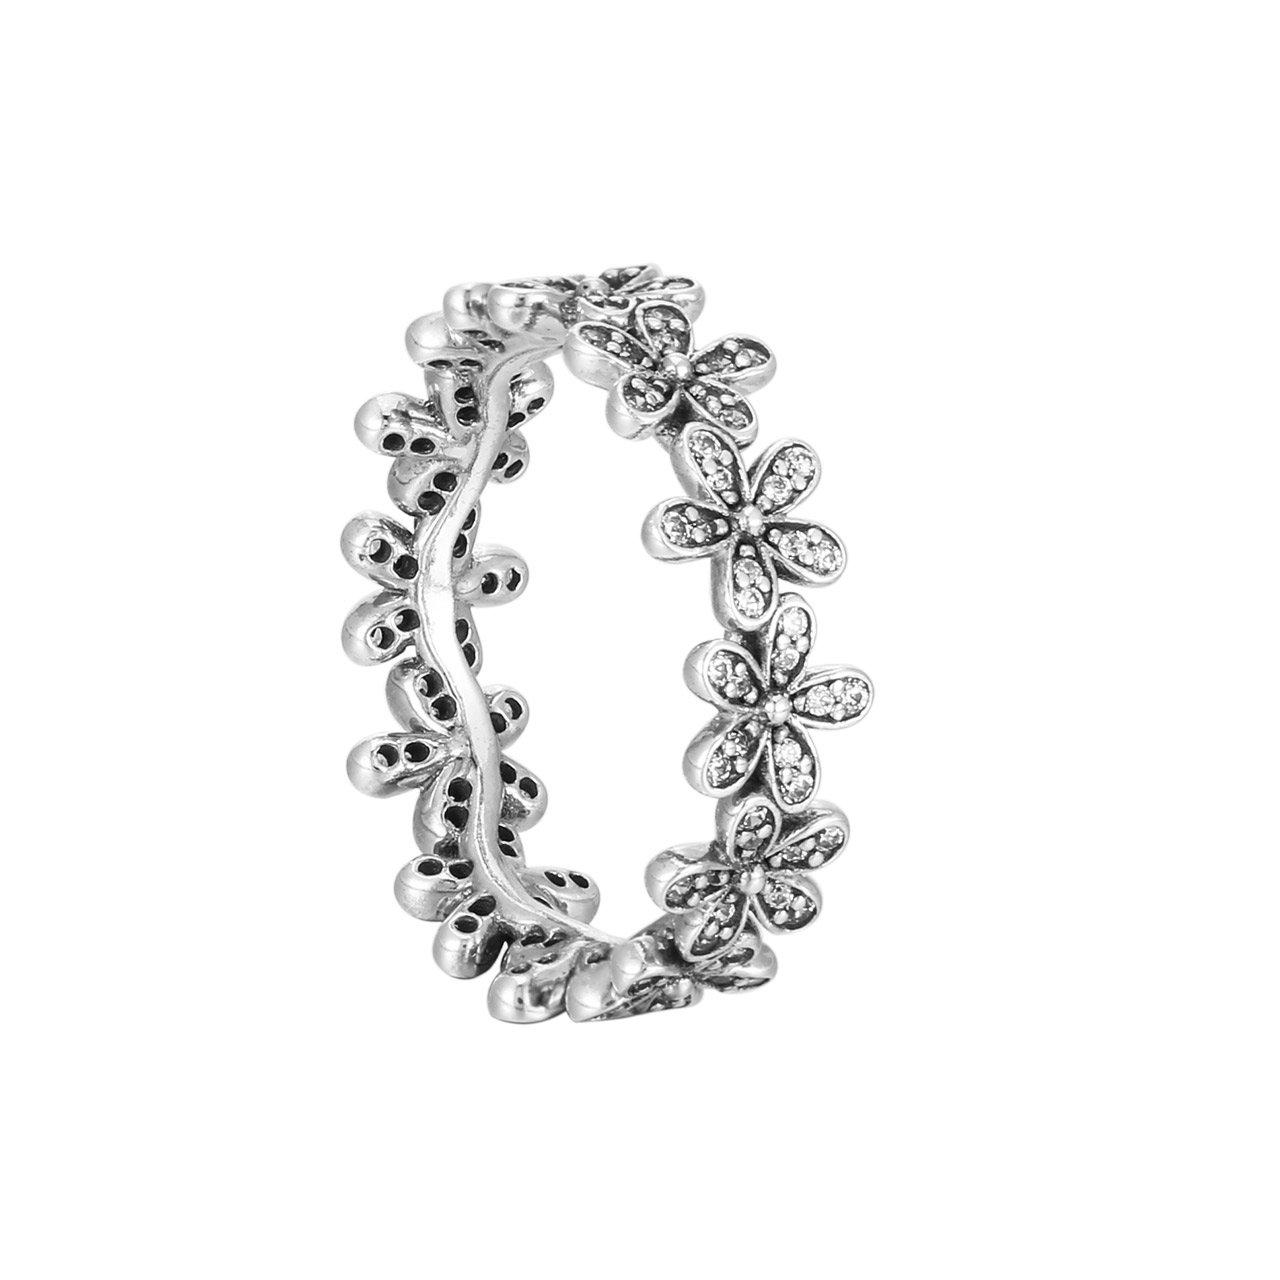 6ed5f4eb0 Amazon.com: Pandora Ring Dazzling Daisy Meadows with Clear CZ (190934CZ):  Jewelry